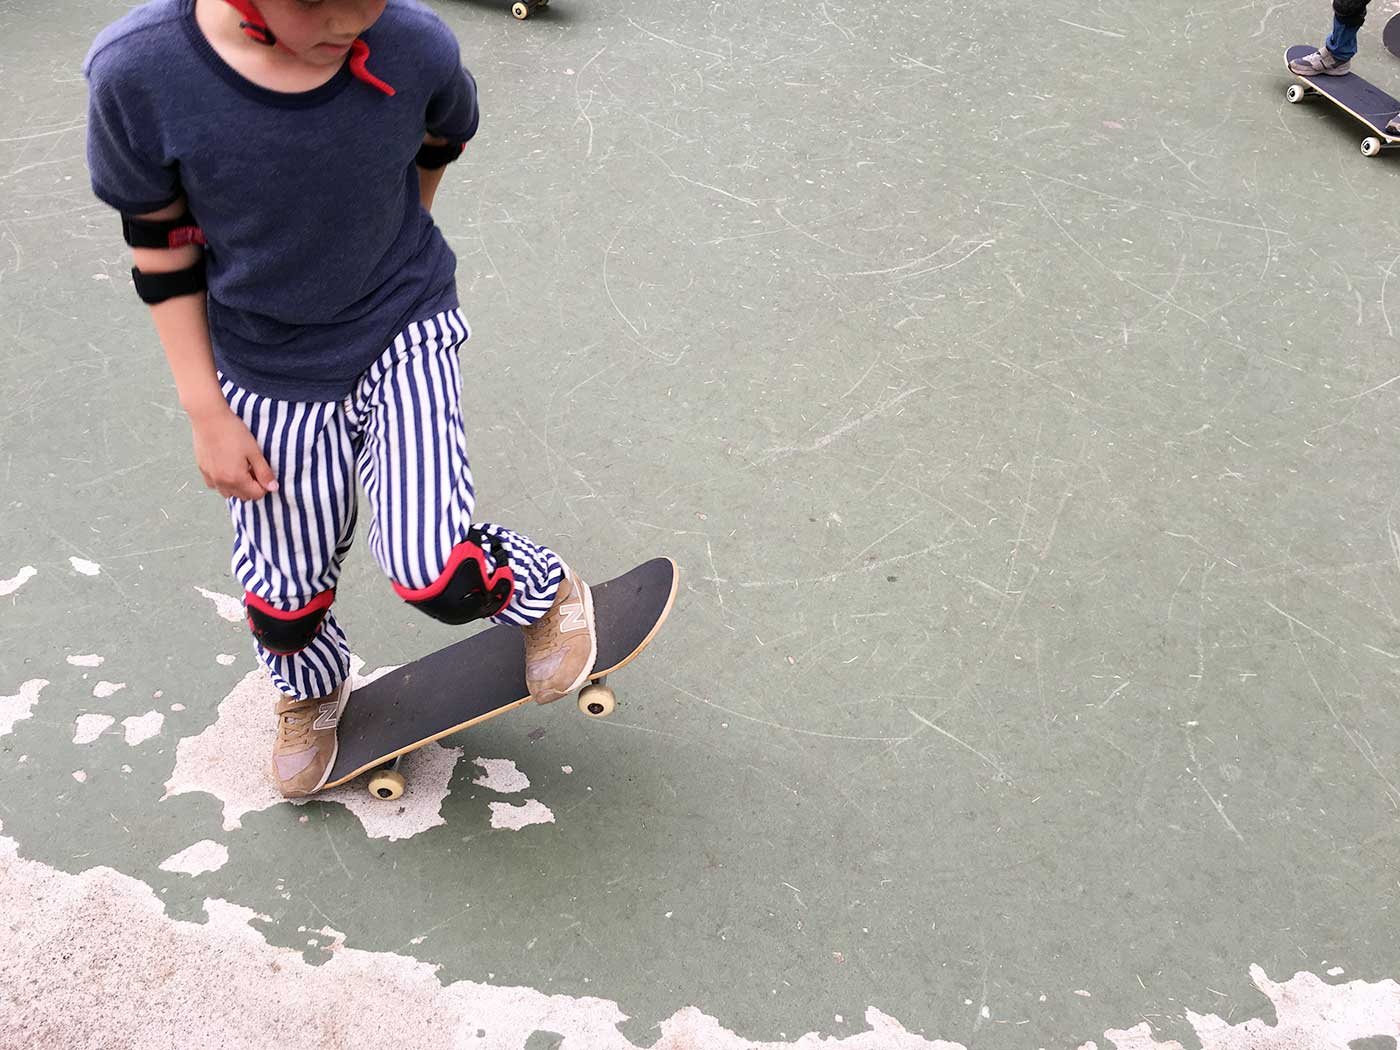 世田谷公園スケートボードスクール